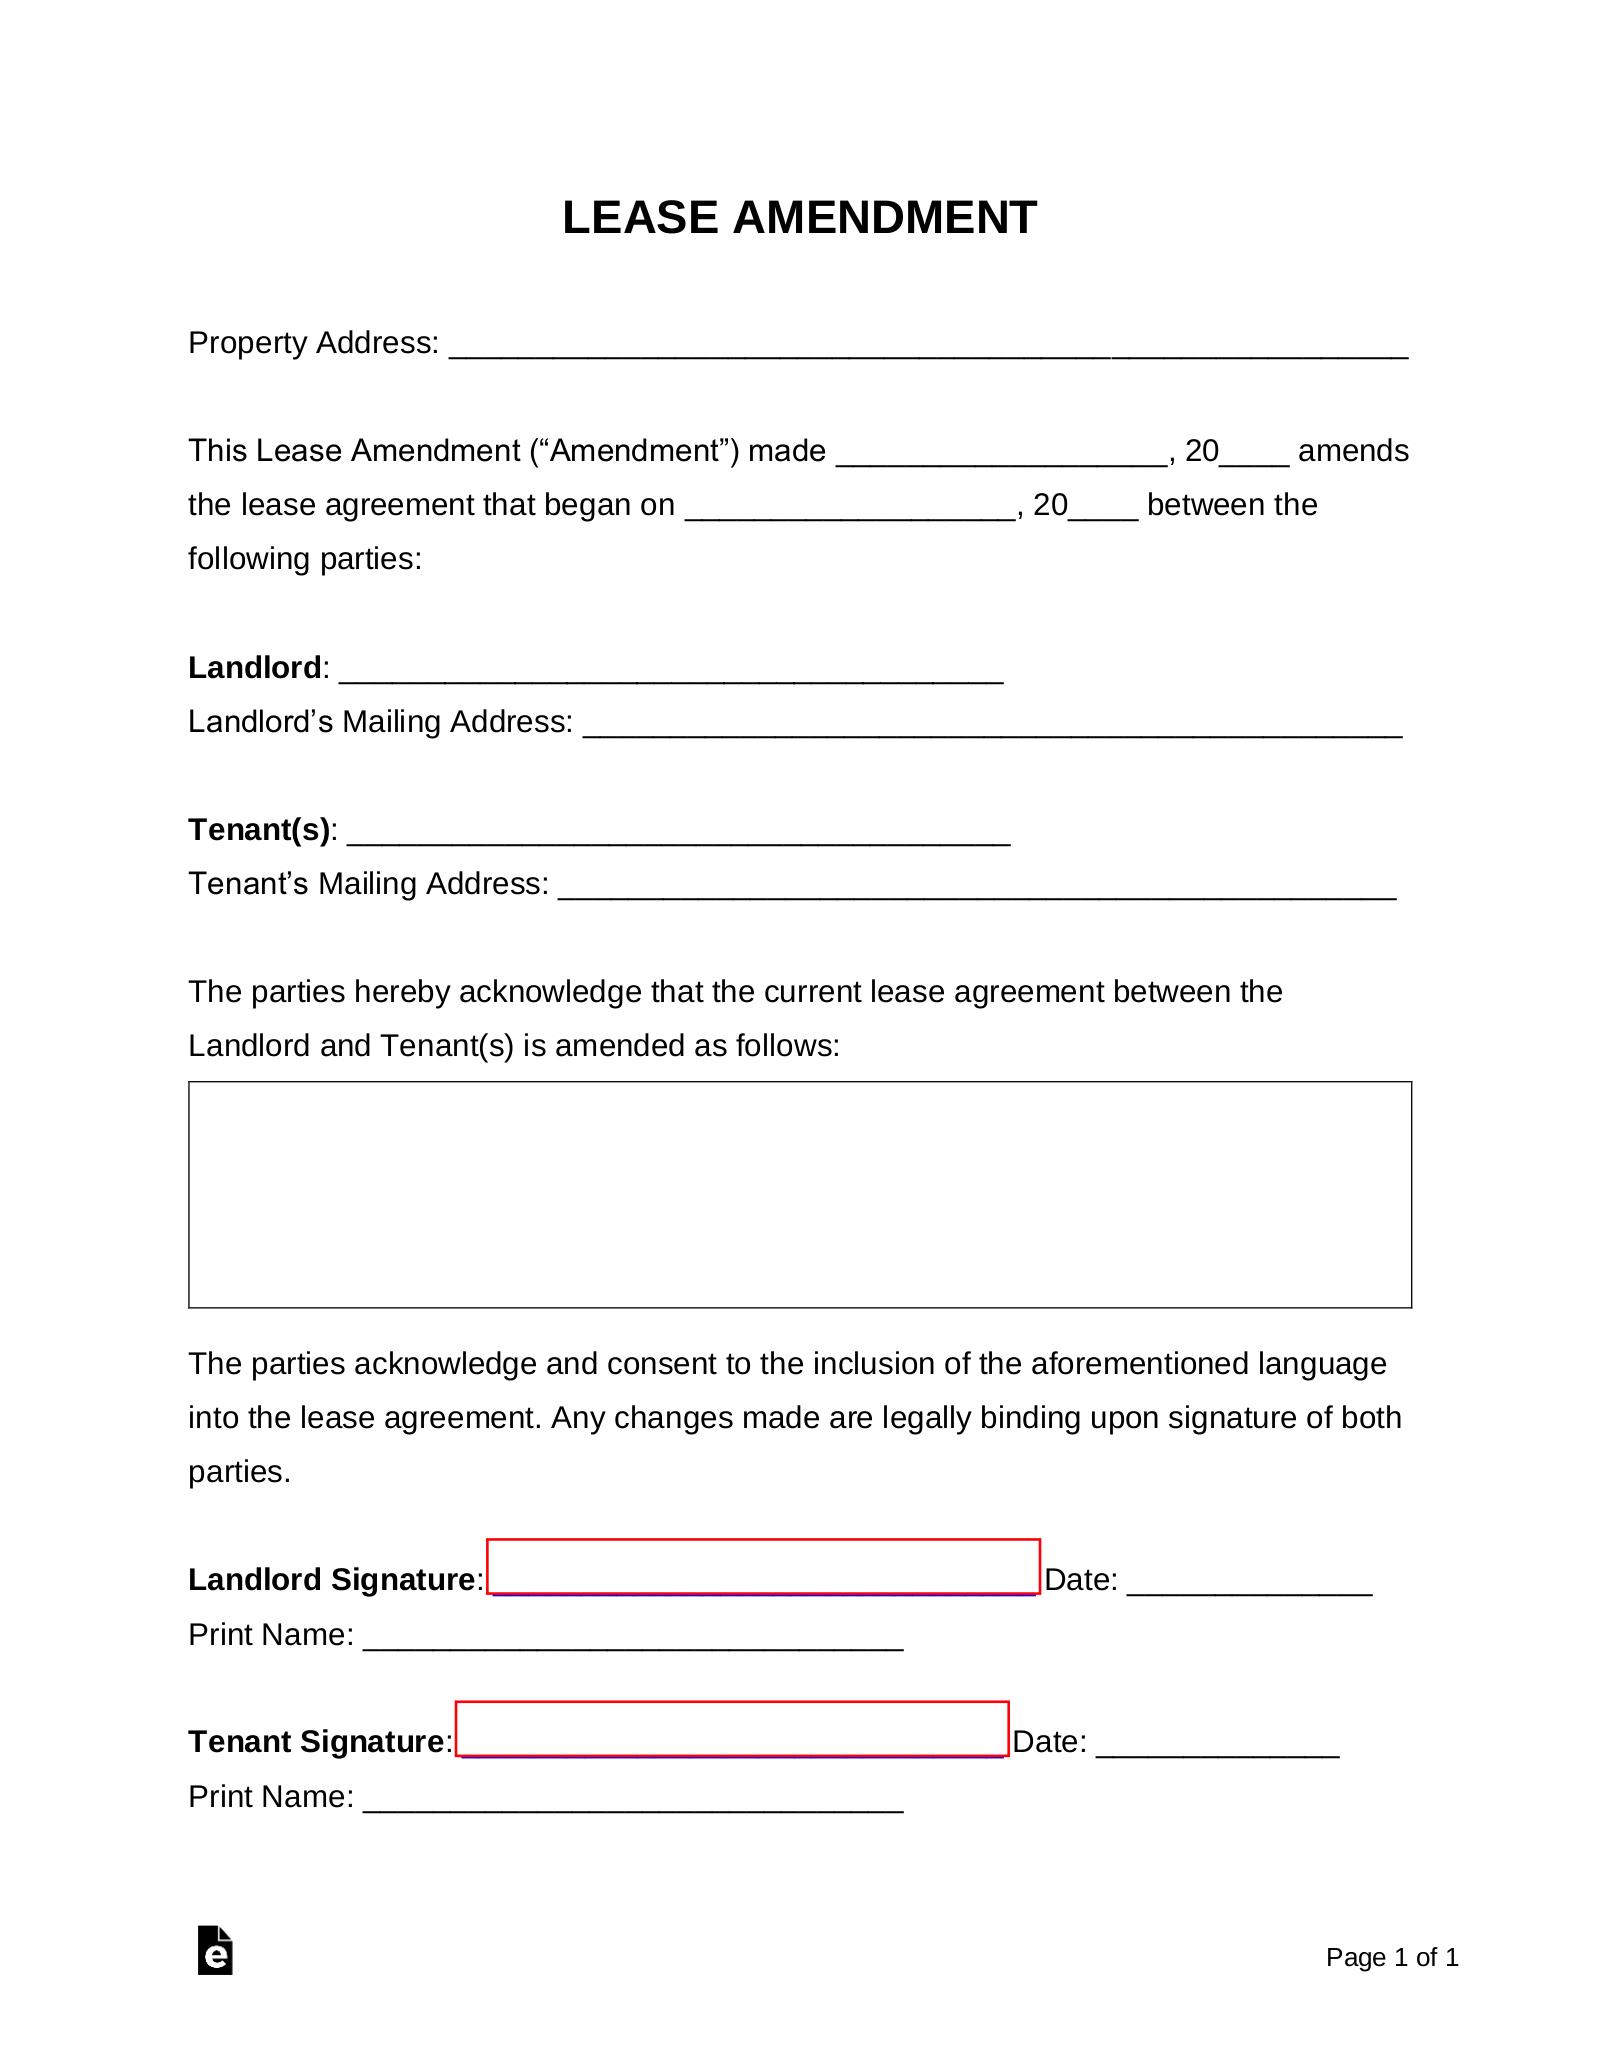 Free Lease Amendment Form Word Pdf Eforms